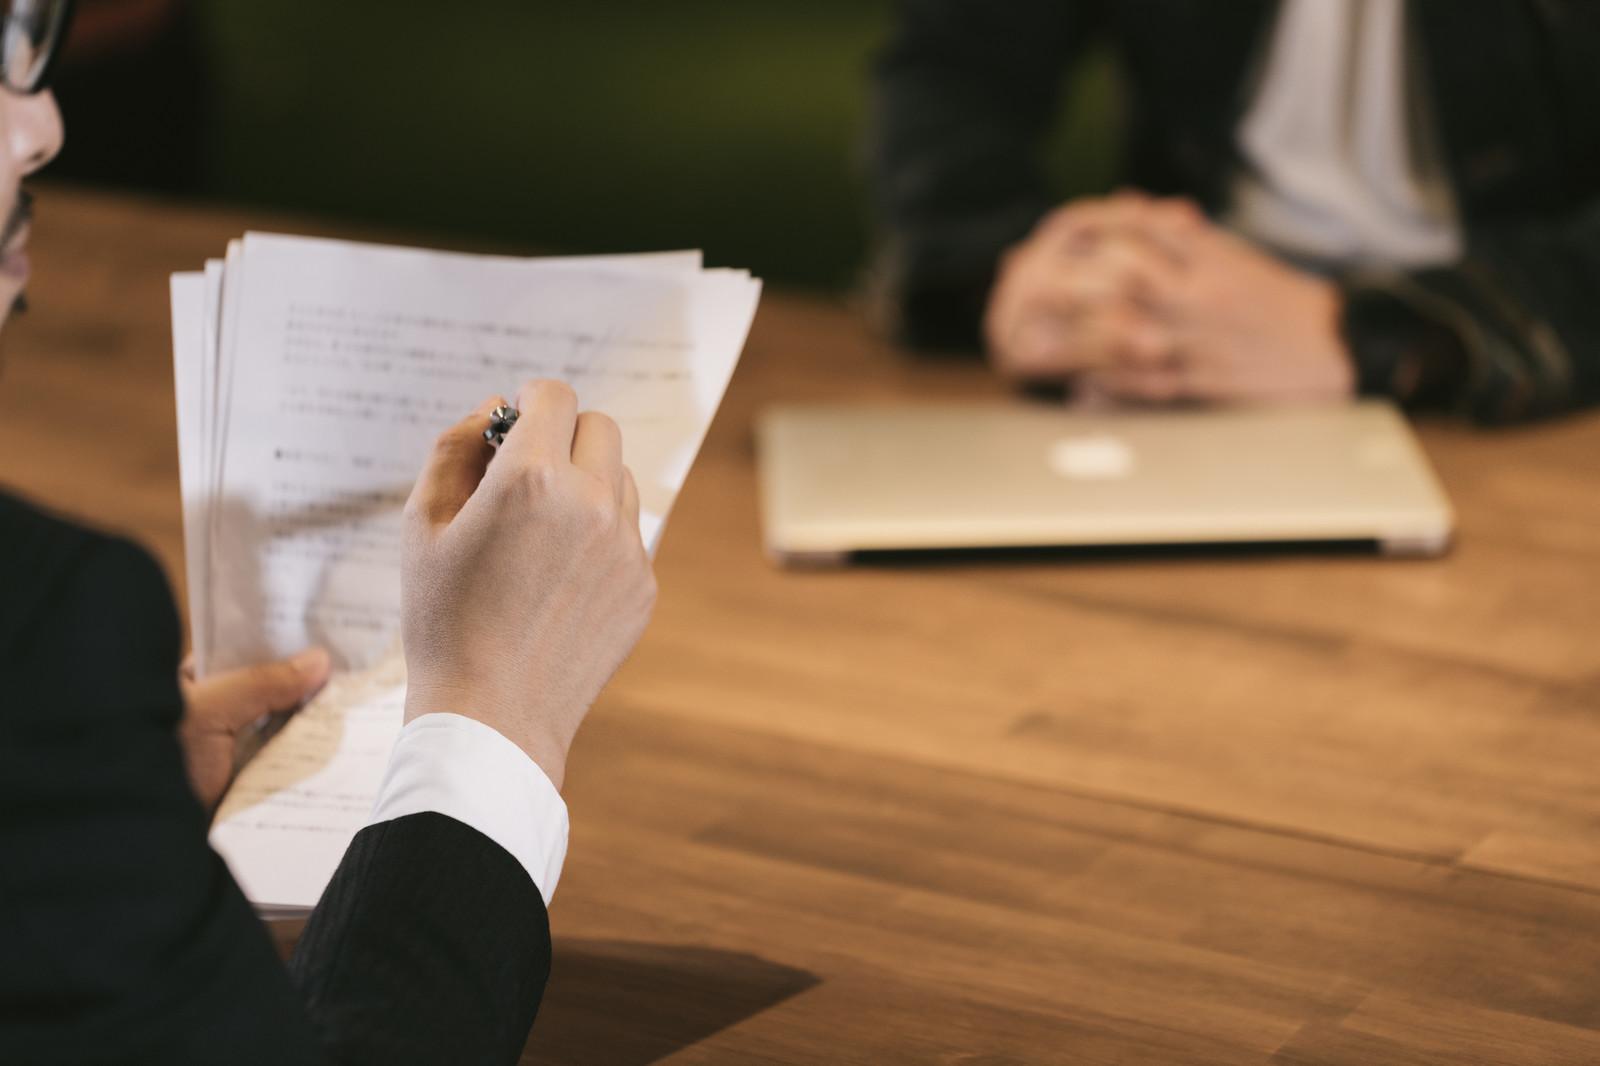 家族のためにも転勤は嫌だ!転勤のない仕事の探し方とおすすめ転職サイト